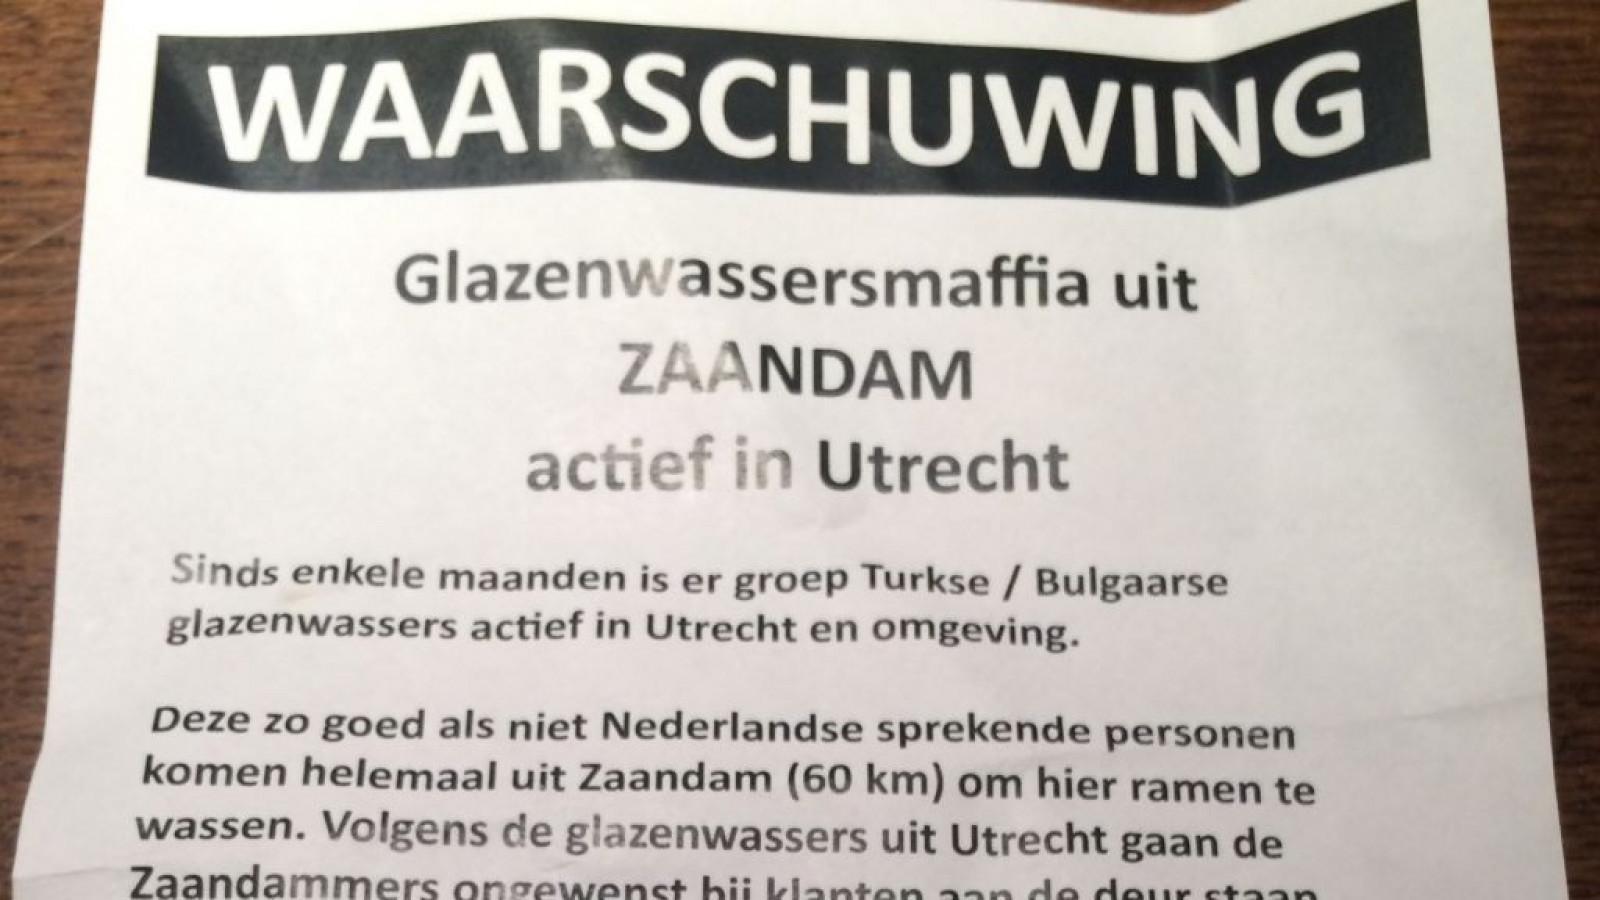 Malafide Zaandamse glazenwassers nemen wijk in Utrecht over